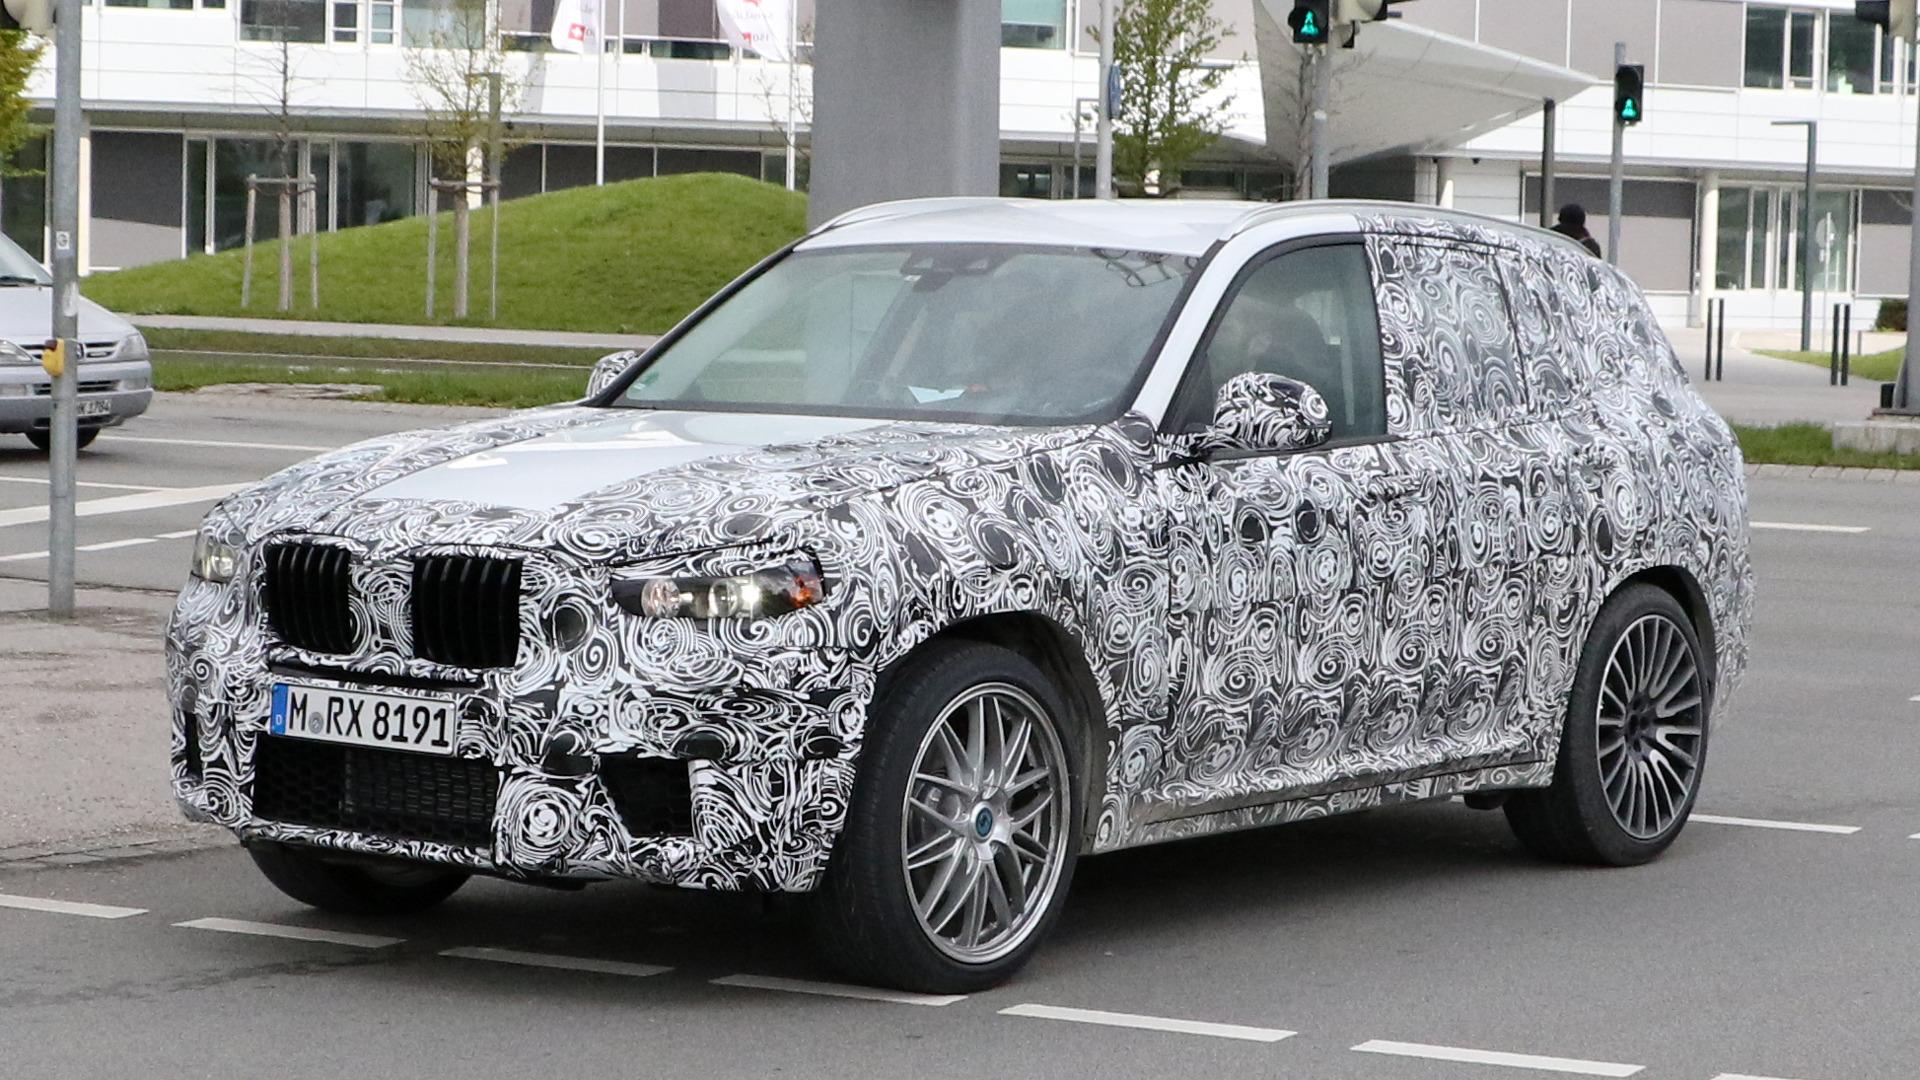 2018 BMW X3 M spied in Germany